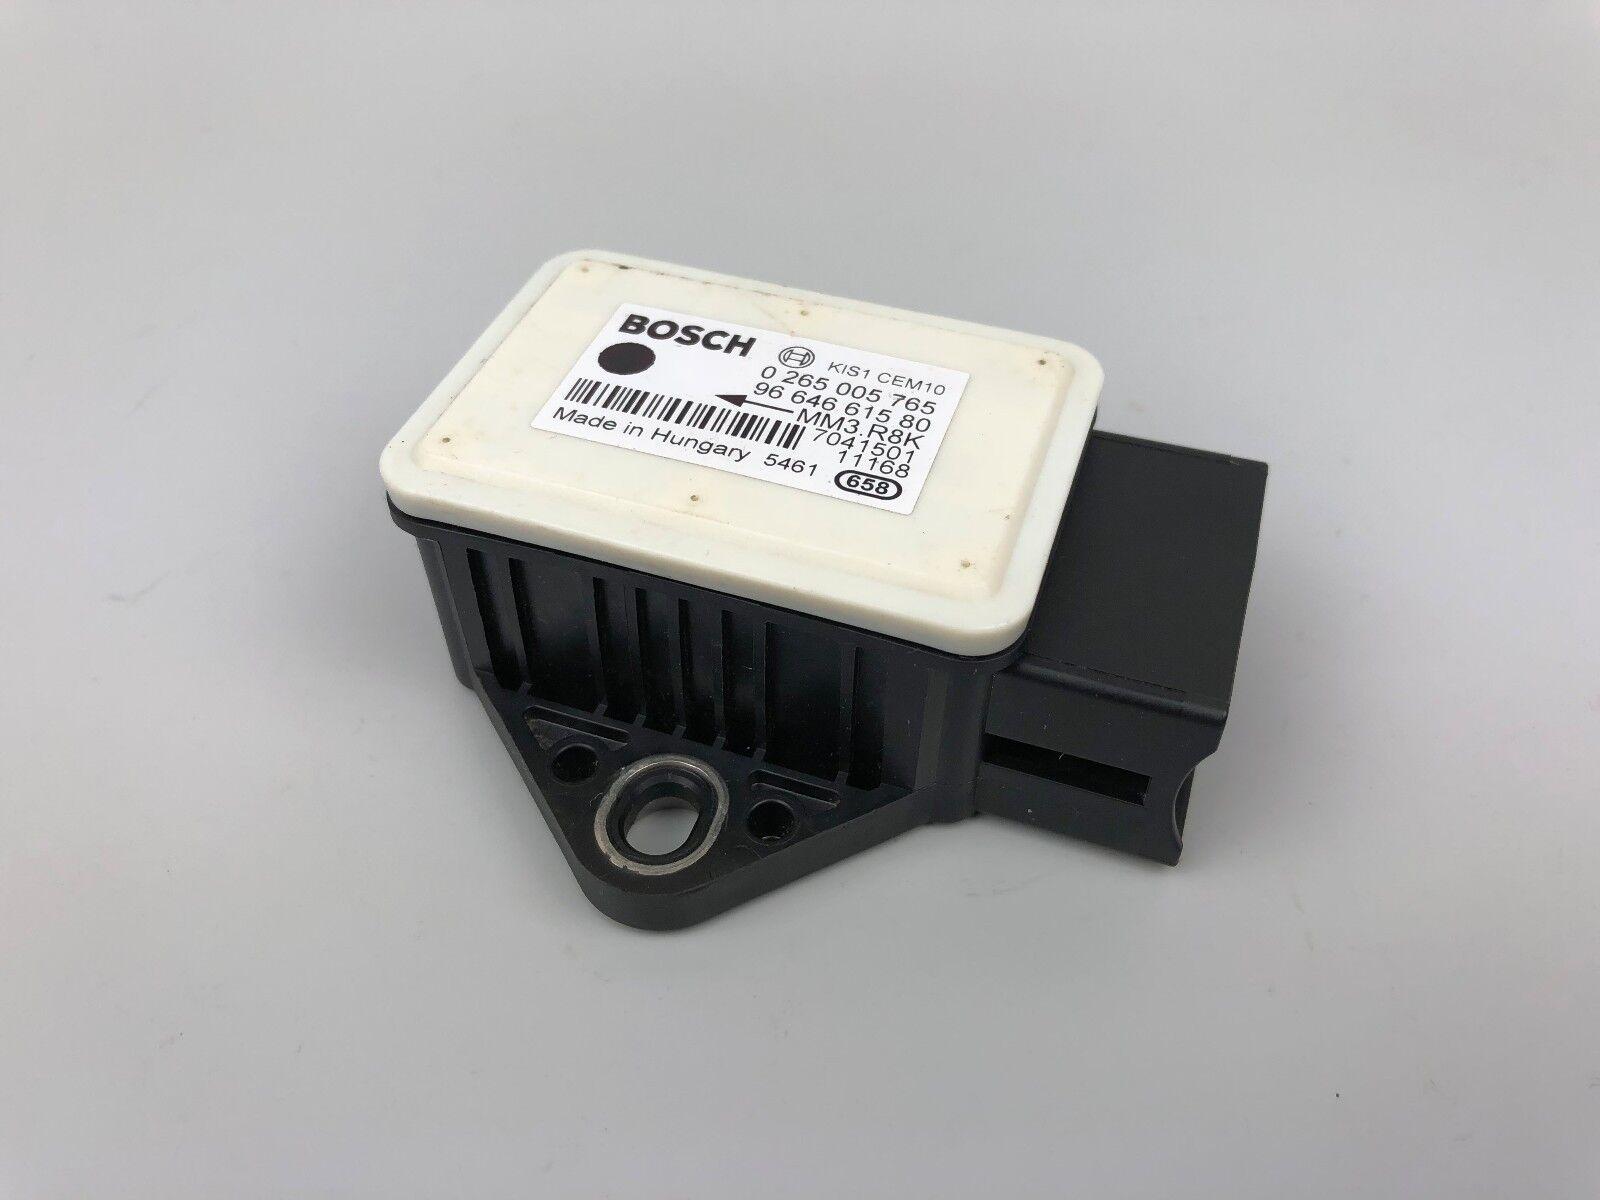 CITROEN C4 PICASSO MK1 07-13 Arrière Parking Capteur Simple X1 0263003302 96636500